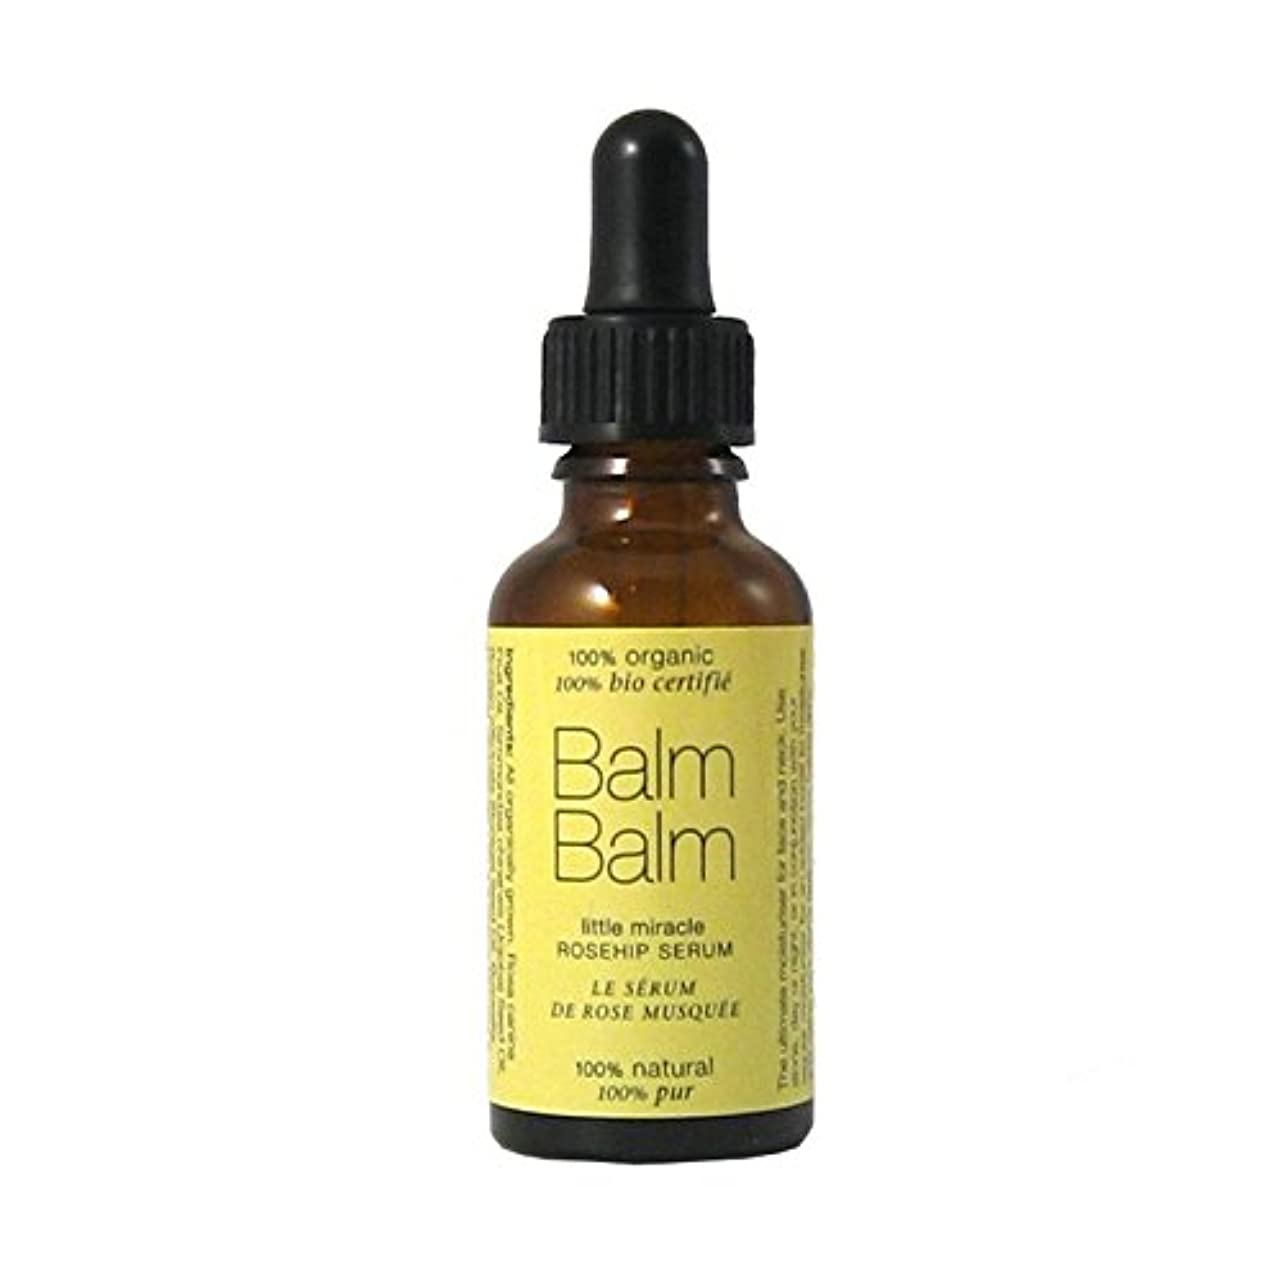 ナチュラル典型的なシニスBalm Balm Little Miracle Organic Rosehip Serum 30ml (Pack of 6) - バームバーム少し奇跡の有機ローズヒップ血清30ミリリットル x6 [並行輸入品]